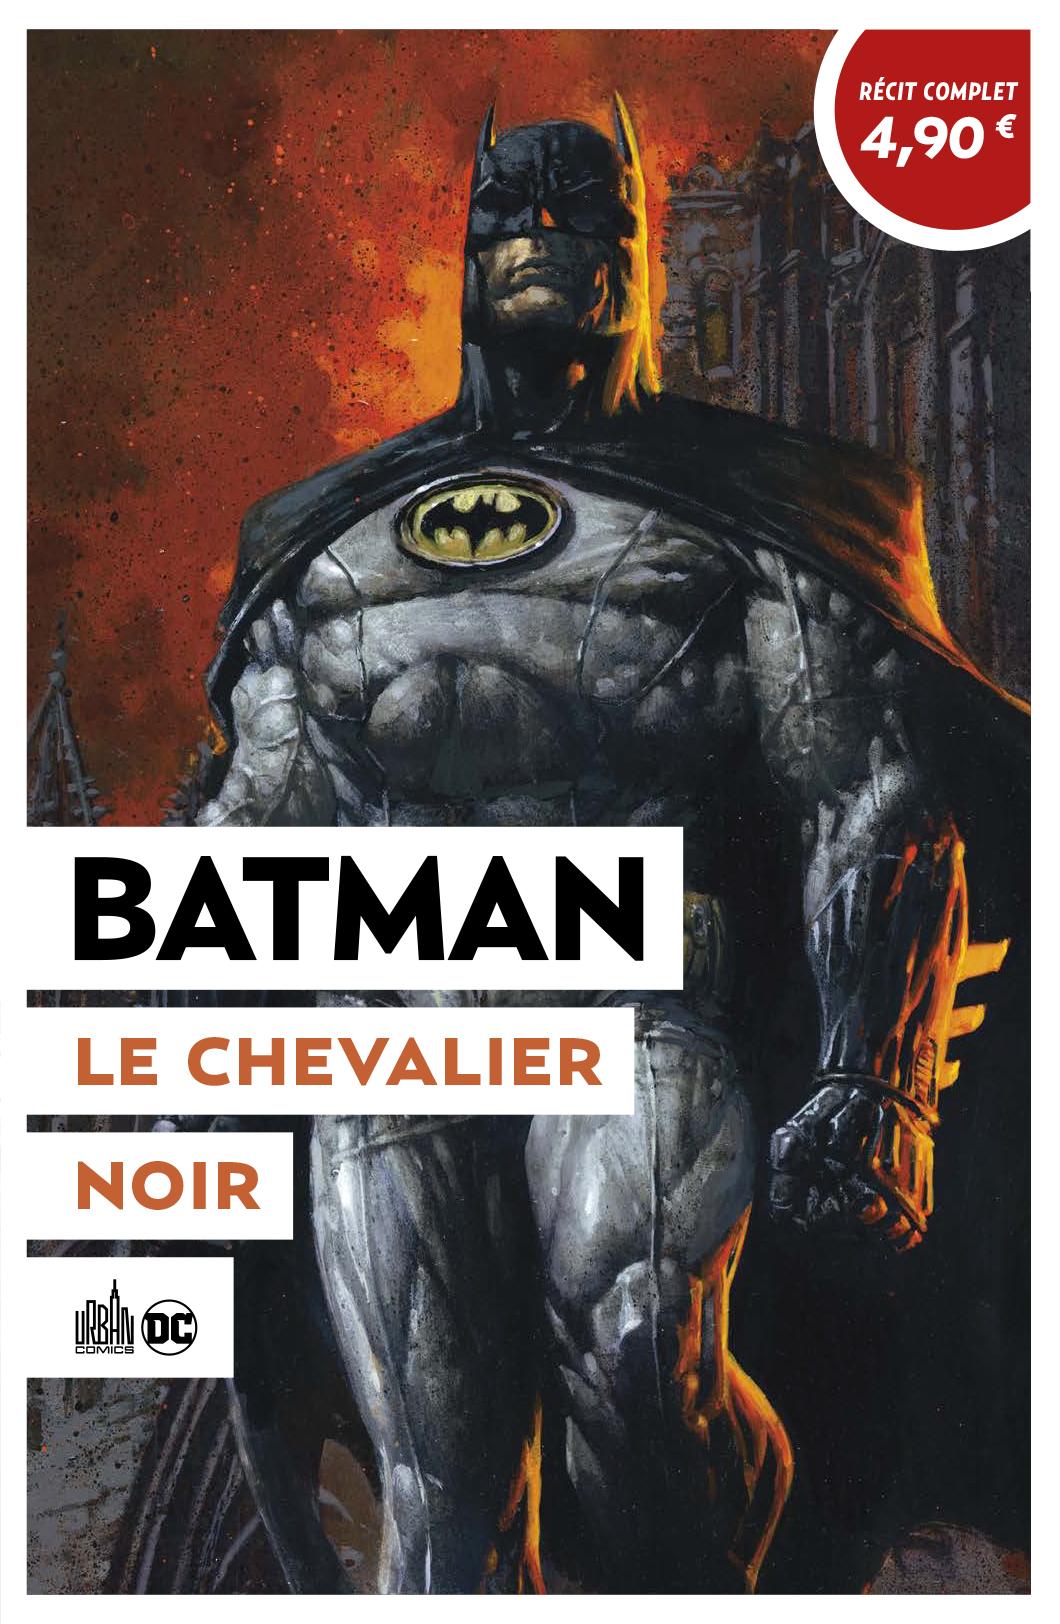 Le meilleur de DC Comics - opération d'été 2020 9 - Batman : Le Chevalier Noir